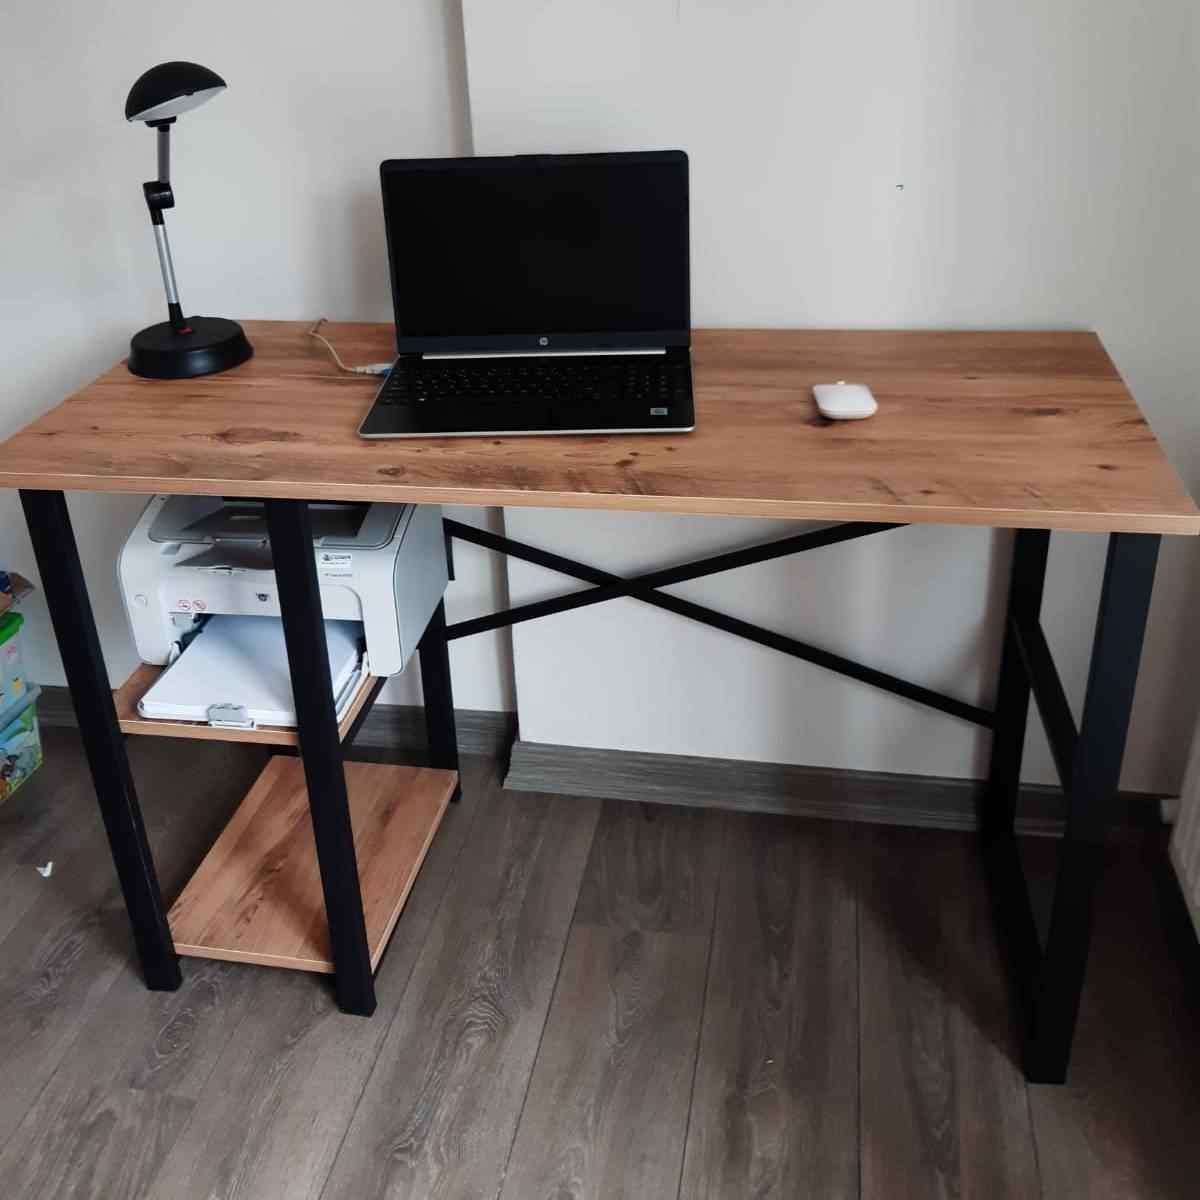 Beyza Çalışma Masası Metal Raflı Bilgisayar Masası Laptop Ofis Masaları 50x120 Cm